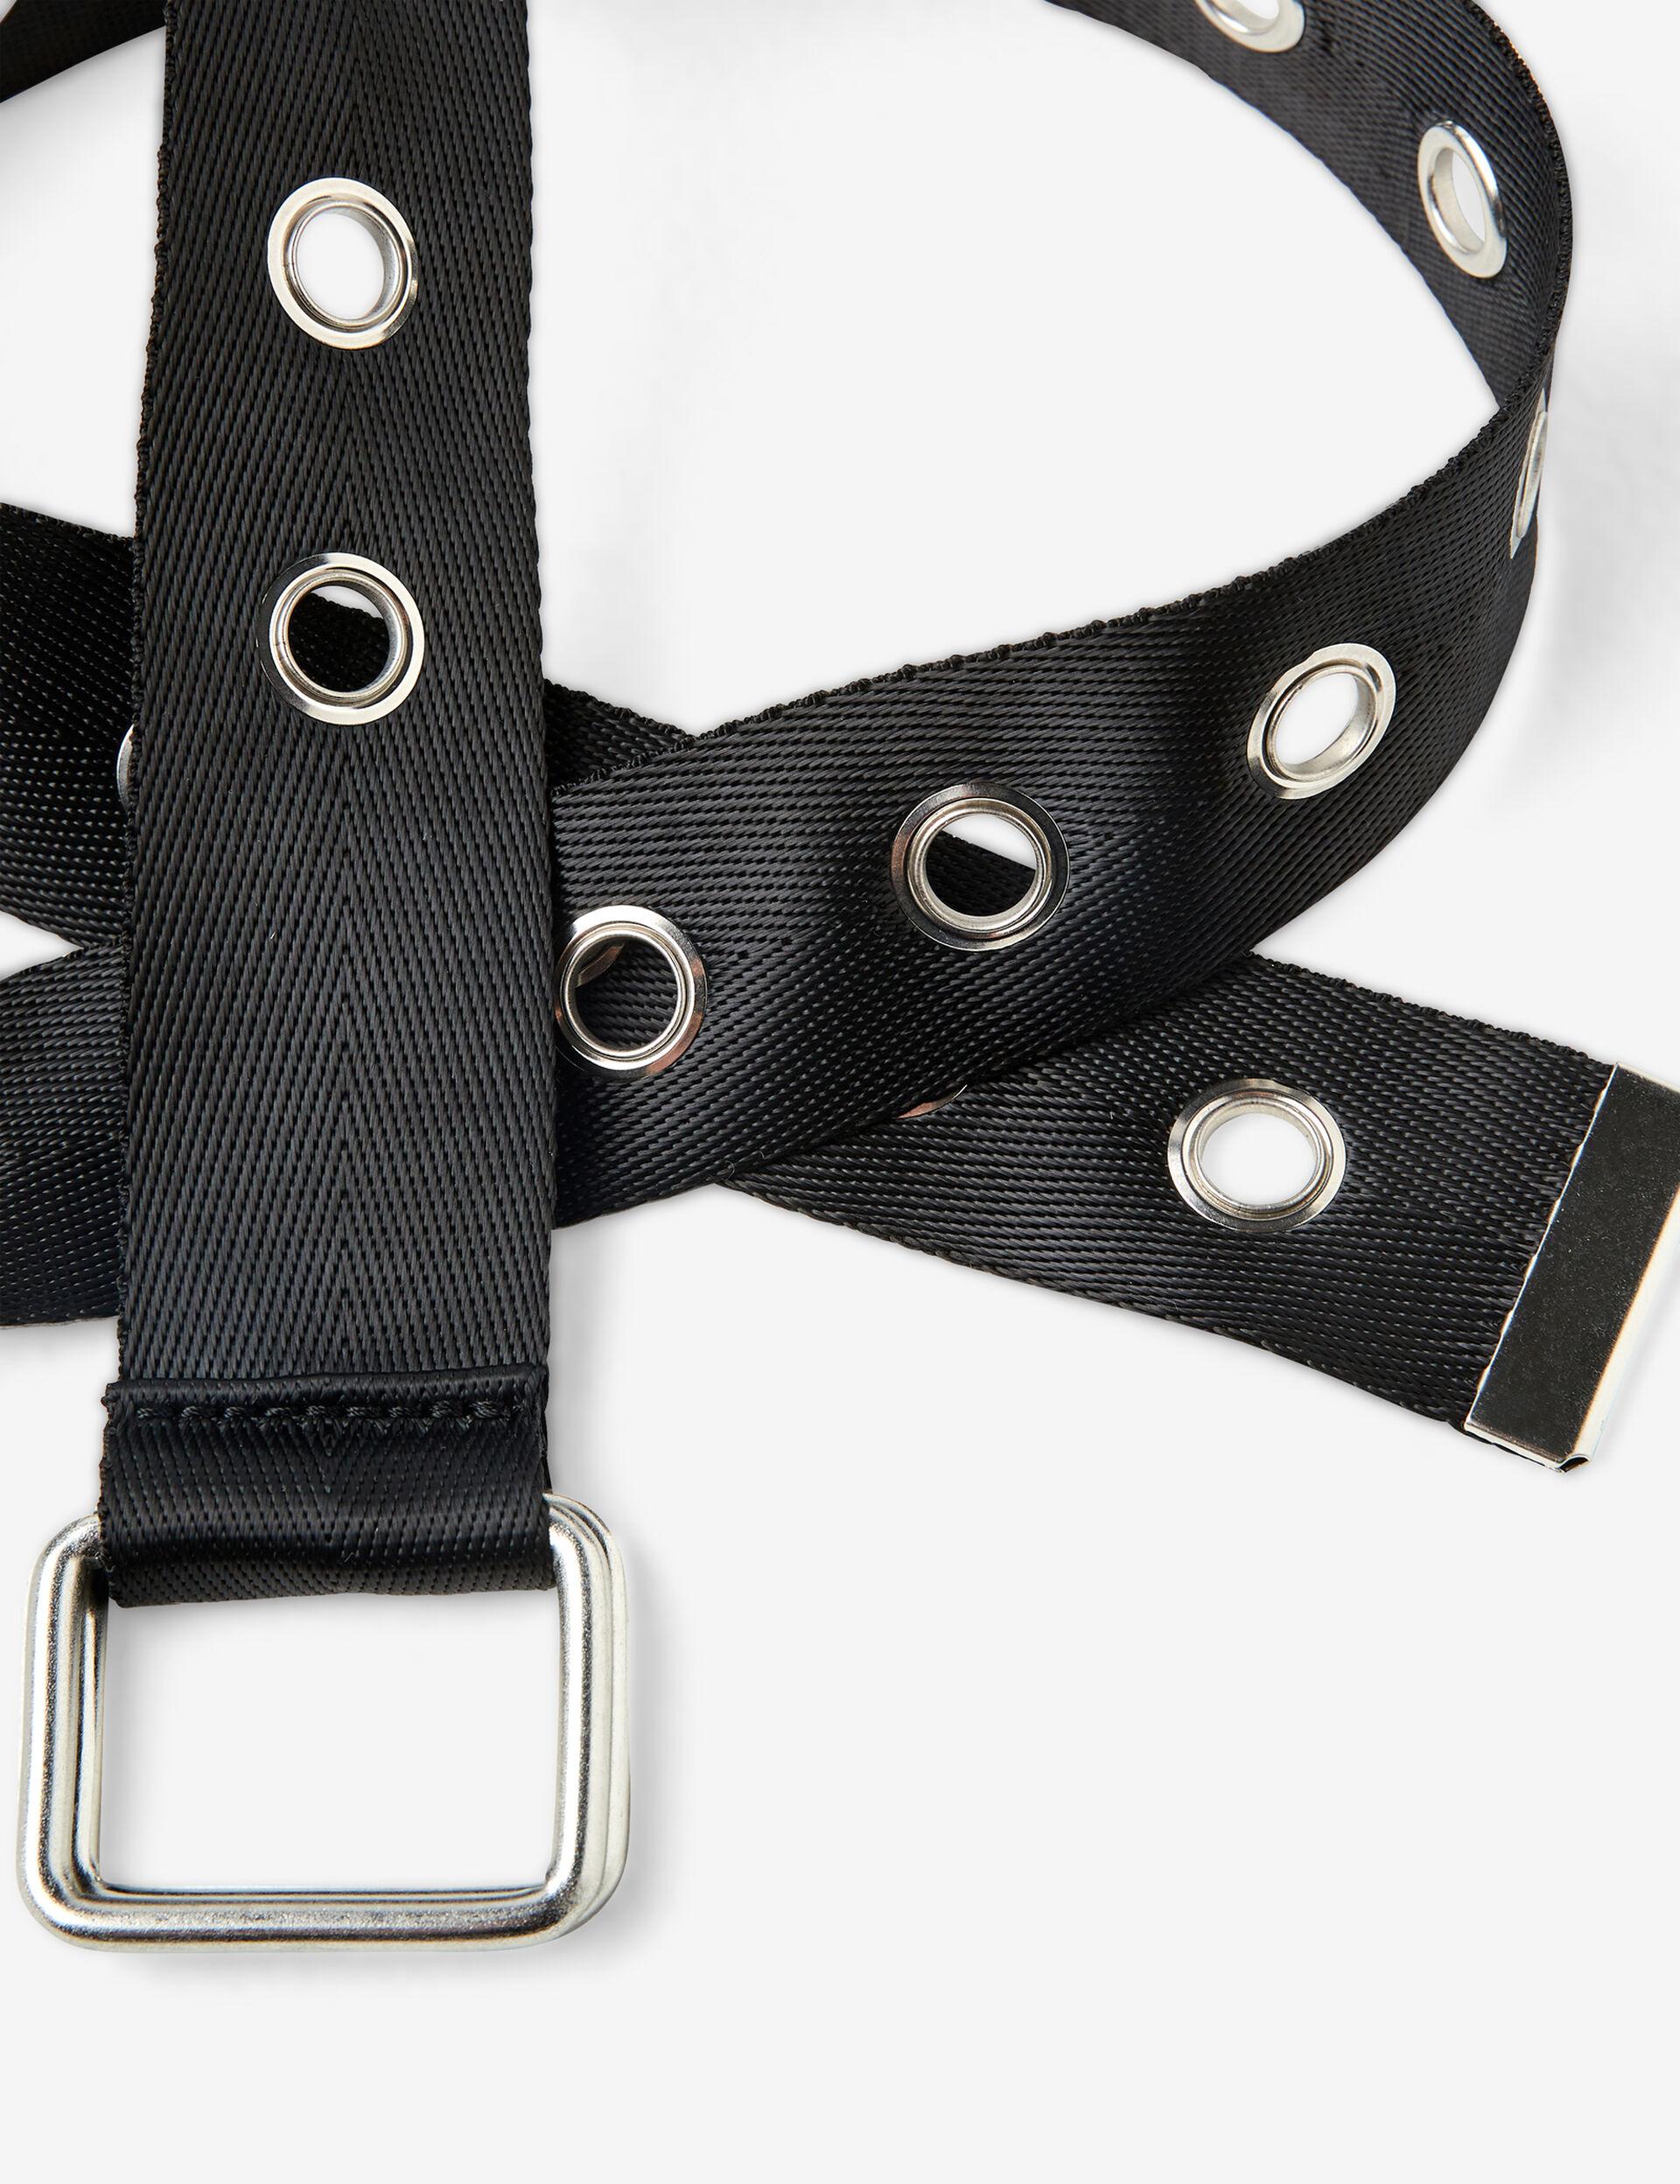 Belt with eyelets